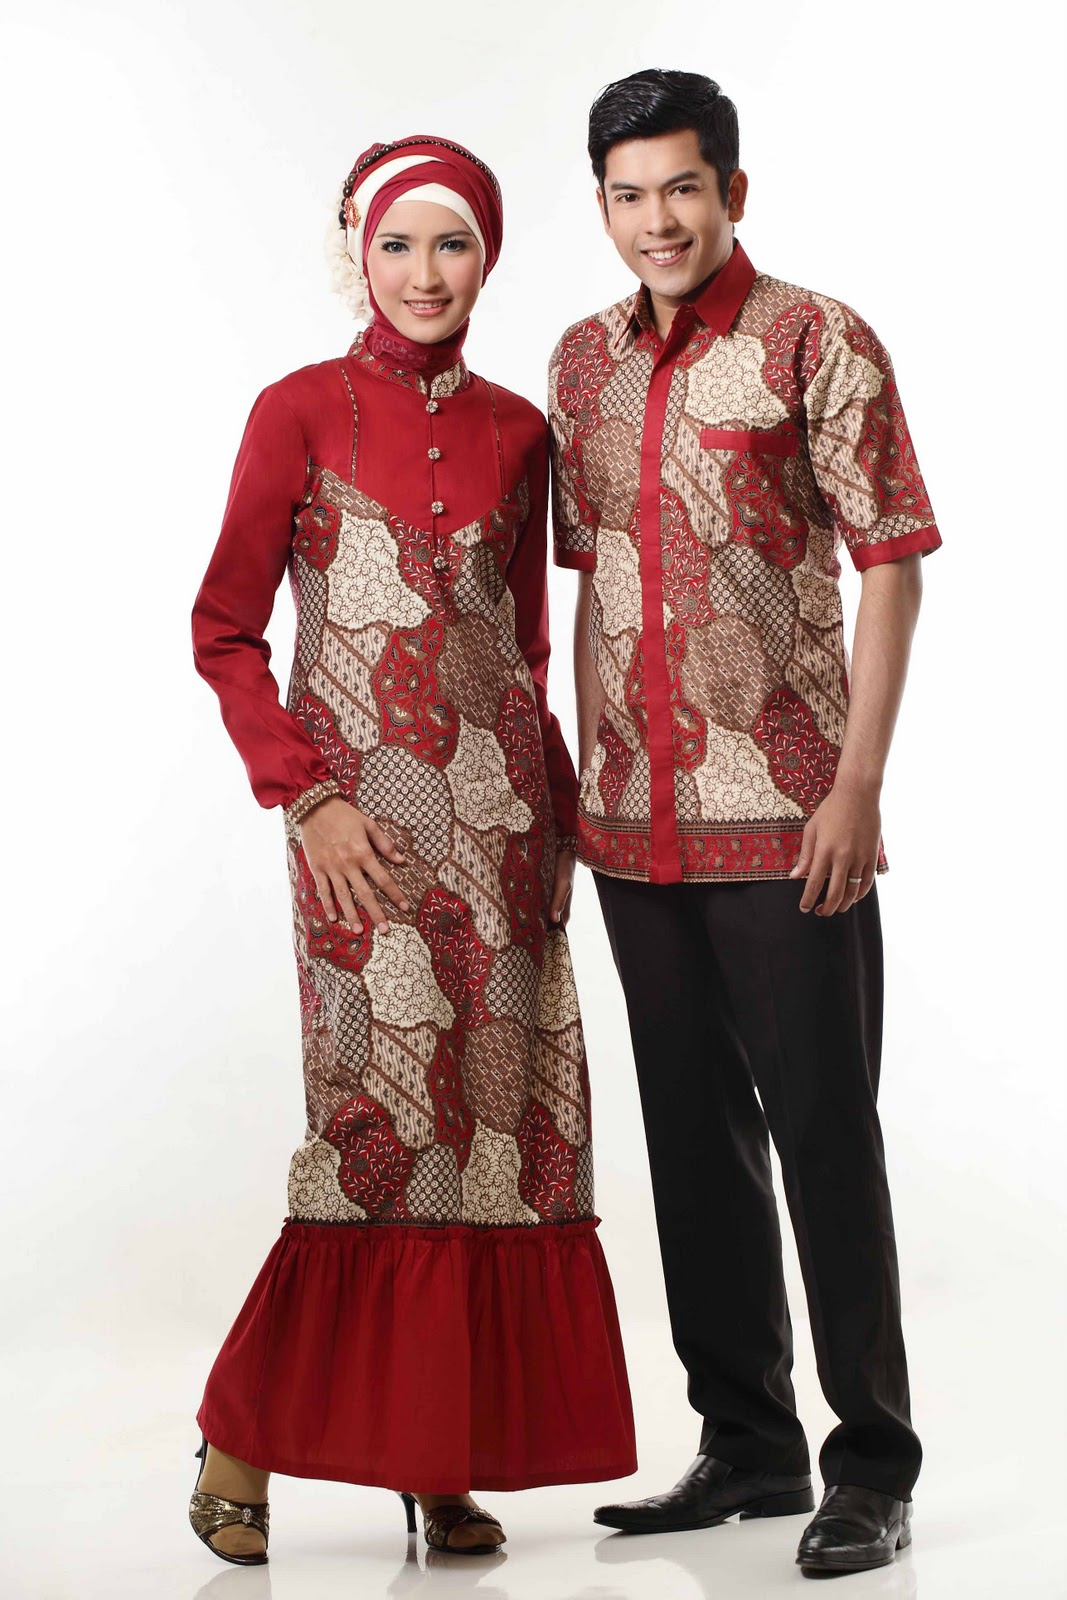 Trend model baju batik lebaran terbaru 2014 terbaru 2015 Model baju gamis terbaru lebaran 2014